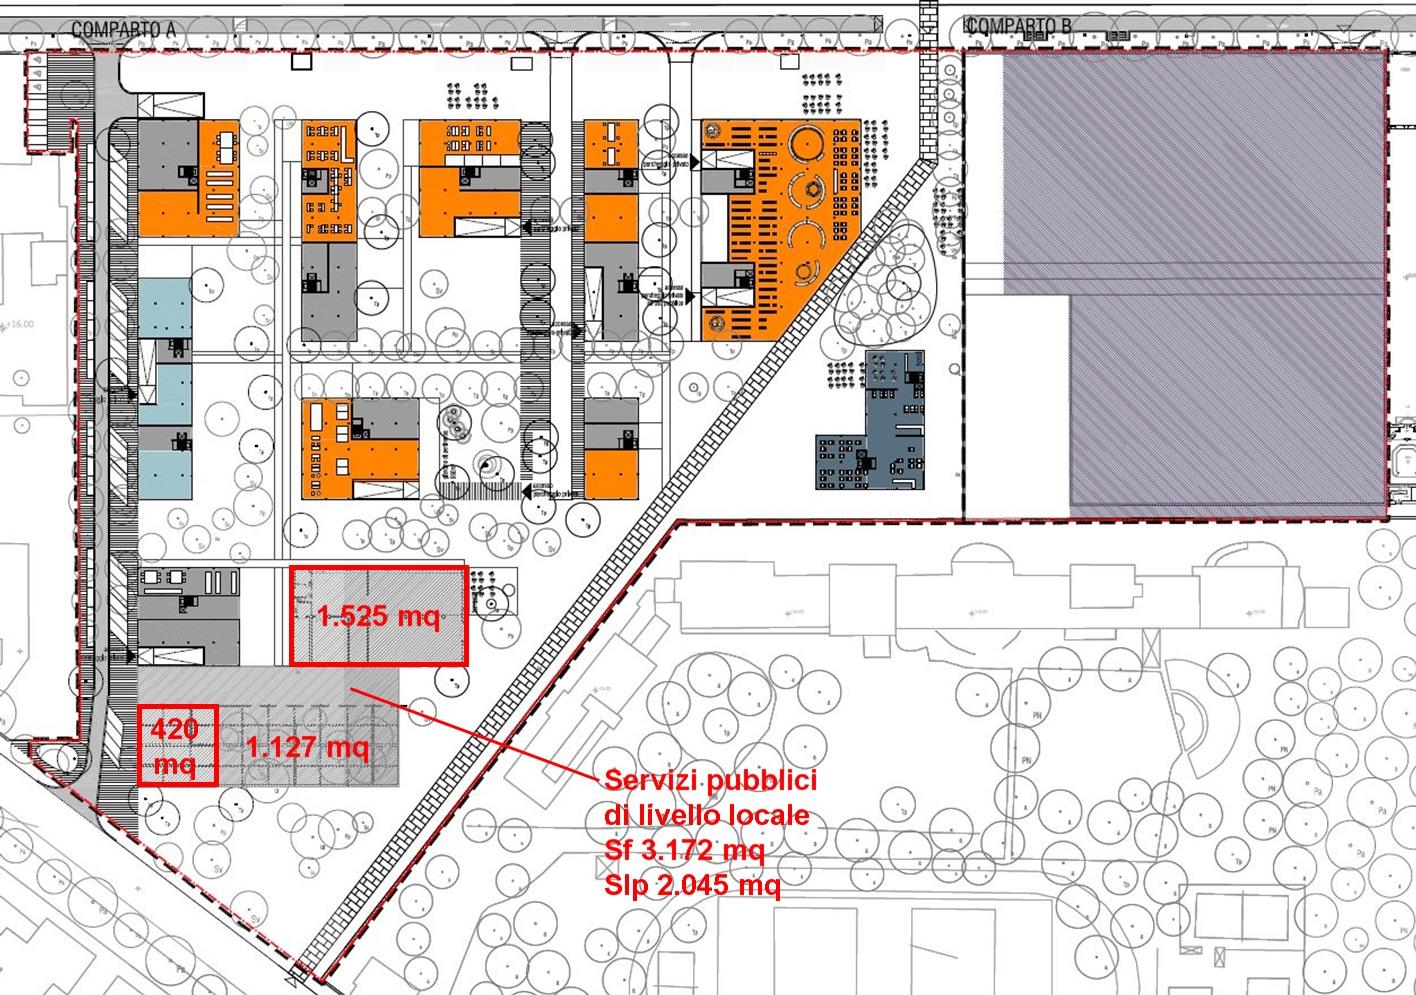 Mappa Guido Reni - -Servizi